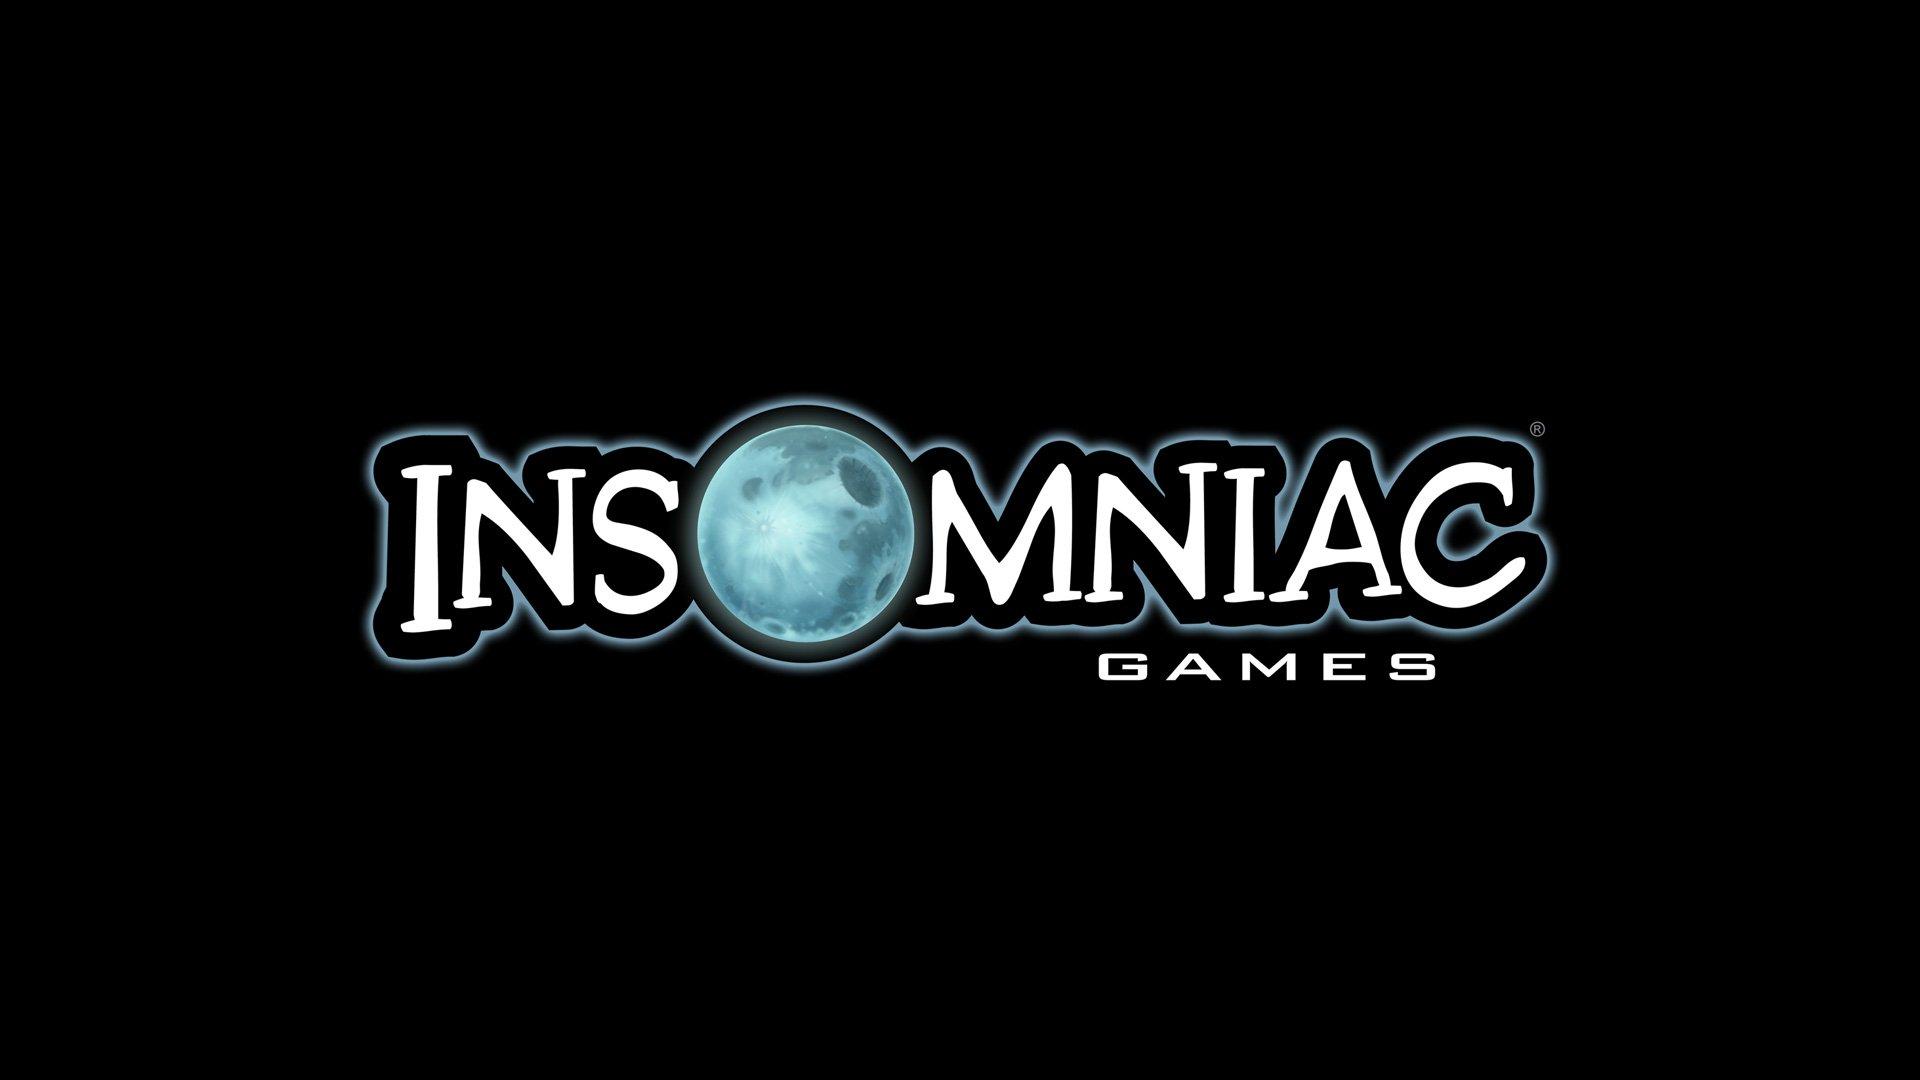 InsomniacLogo001461